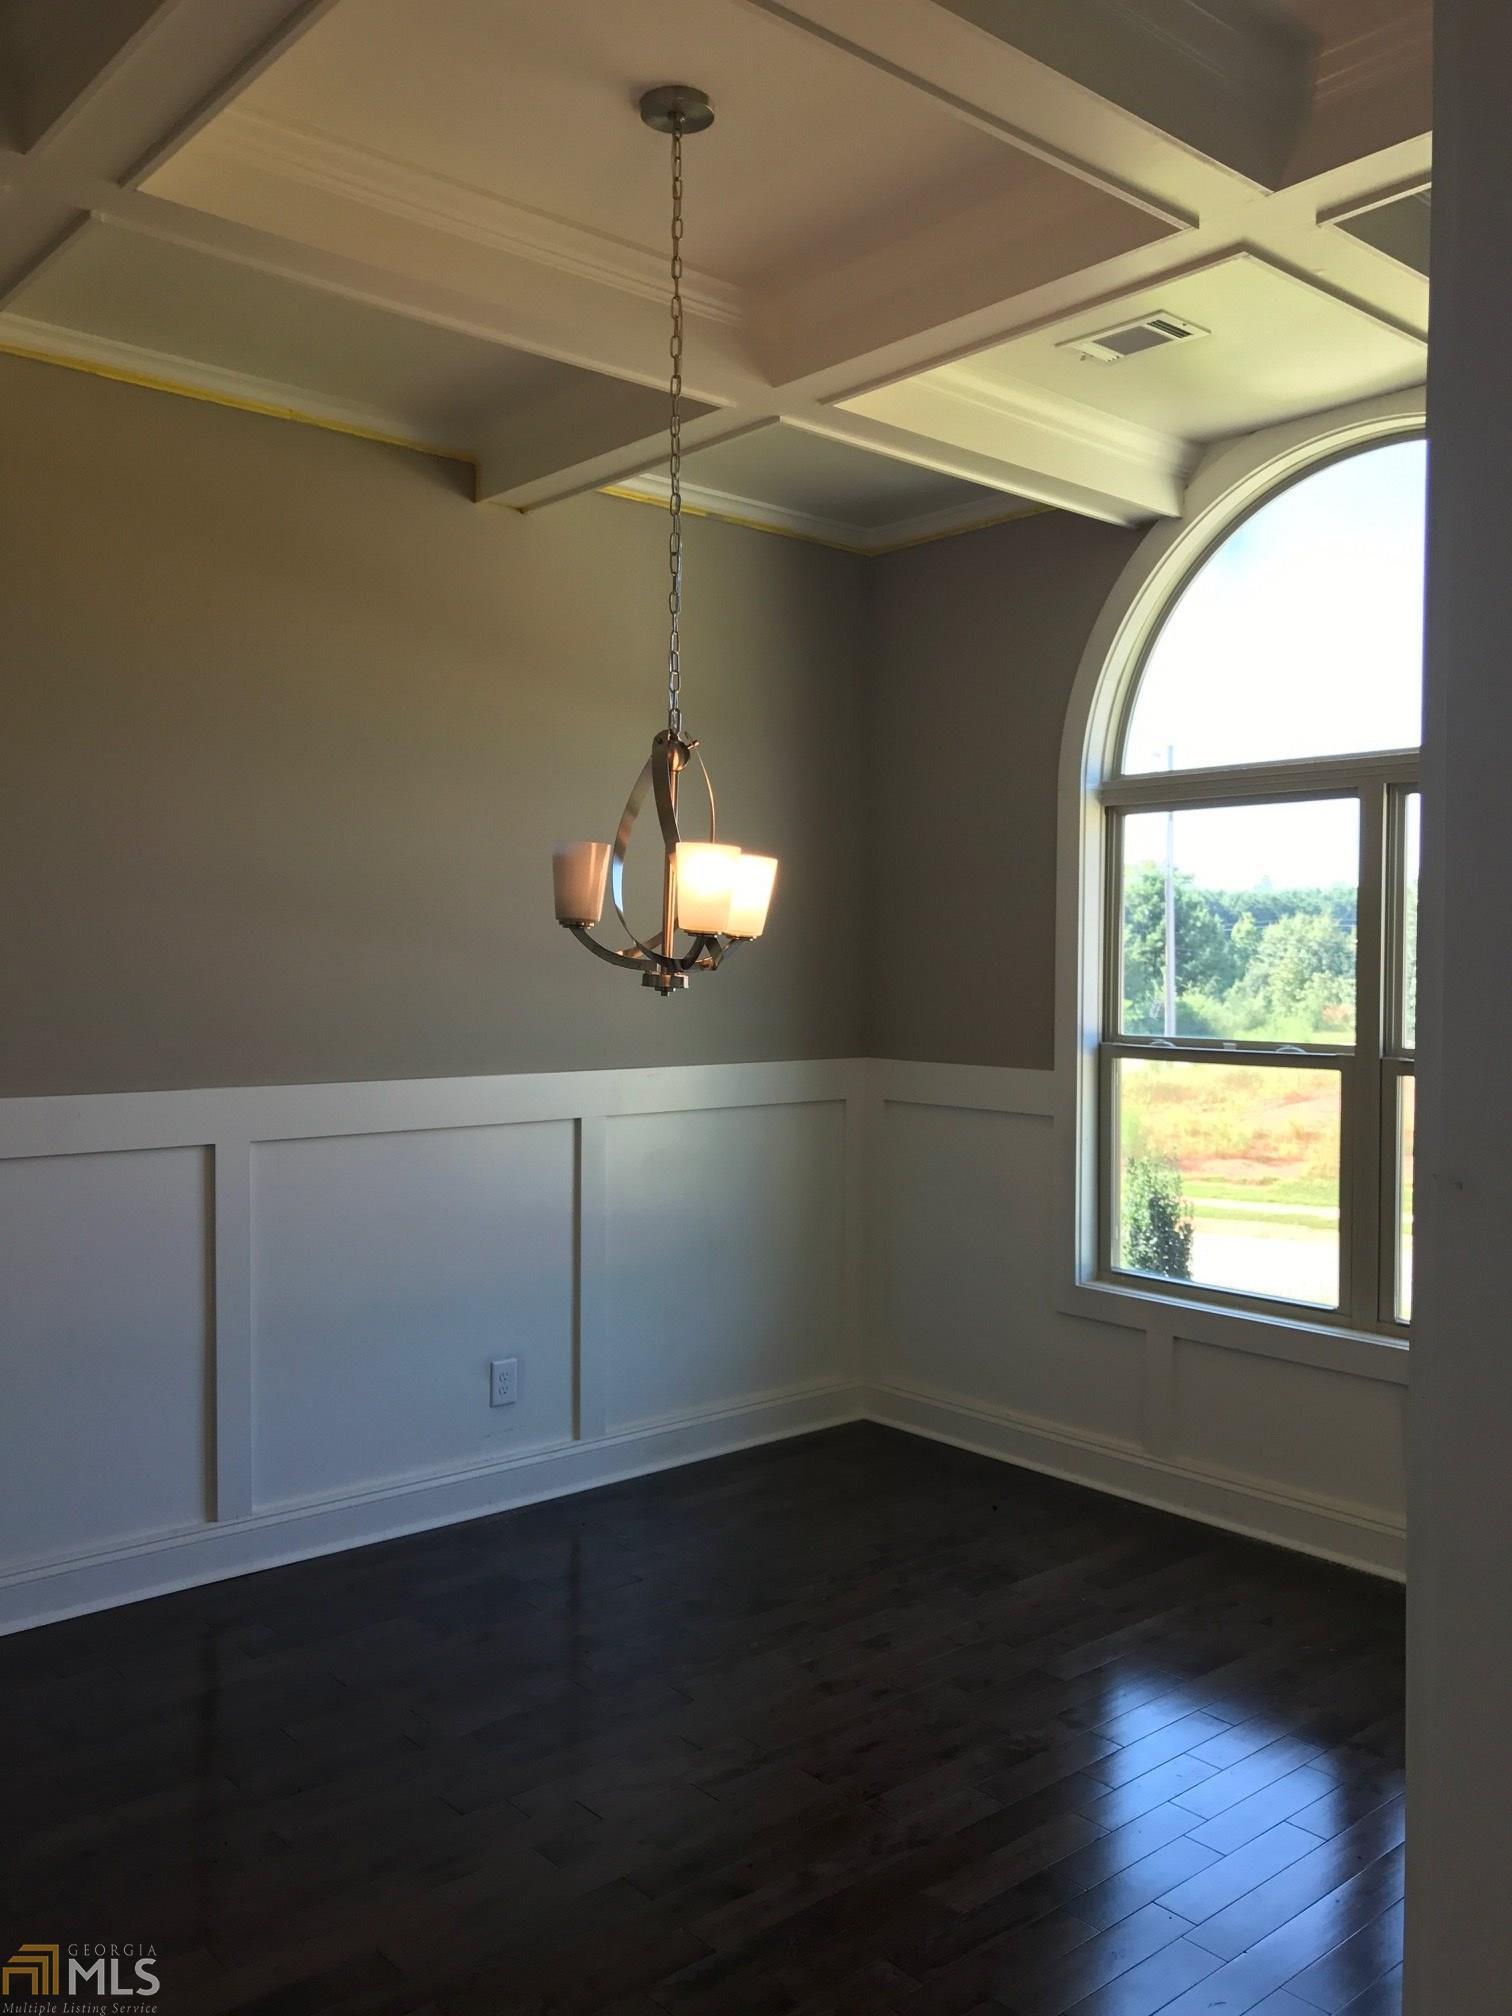 130 Belaire Cv Fairburn, GA